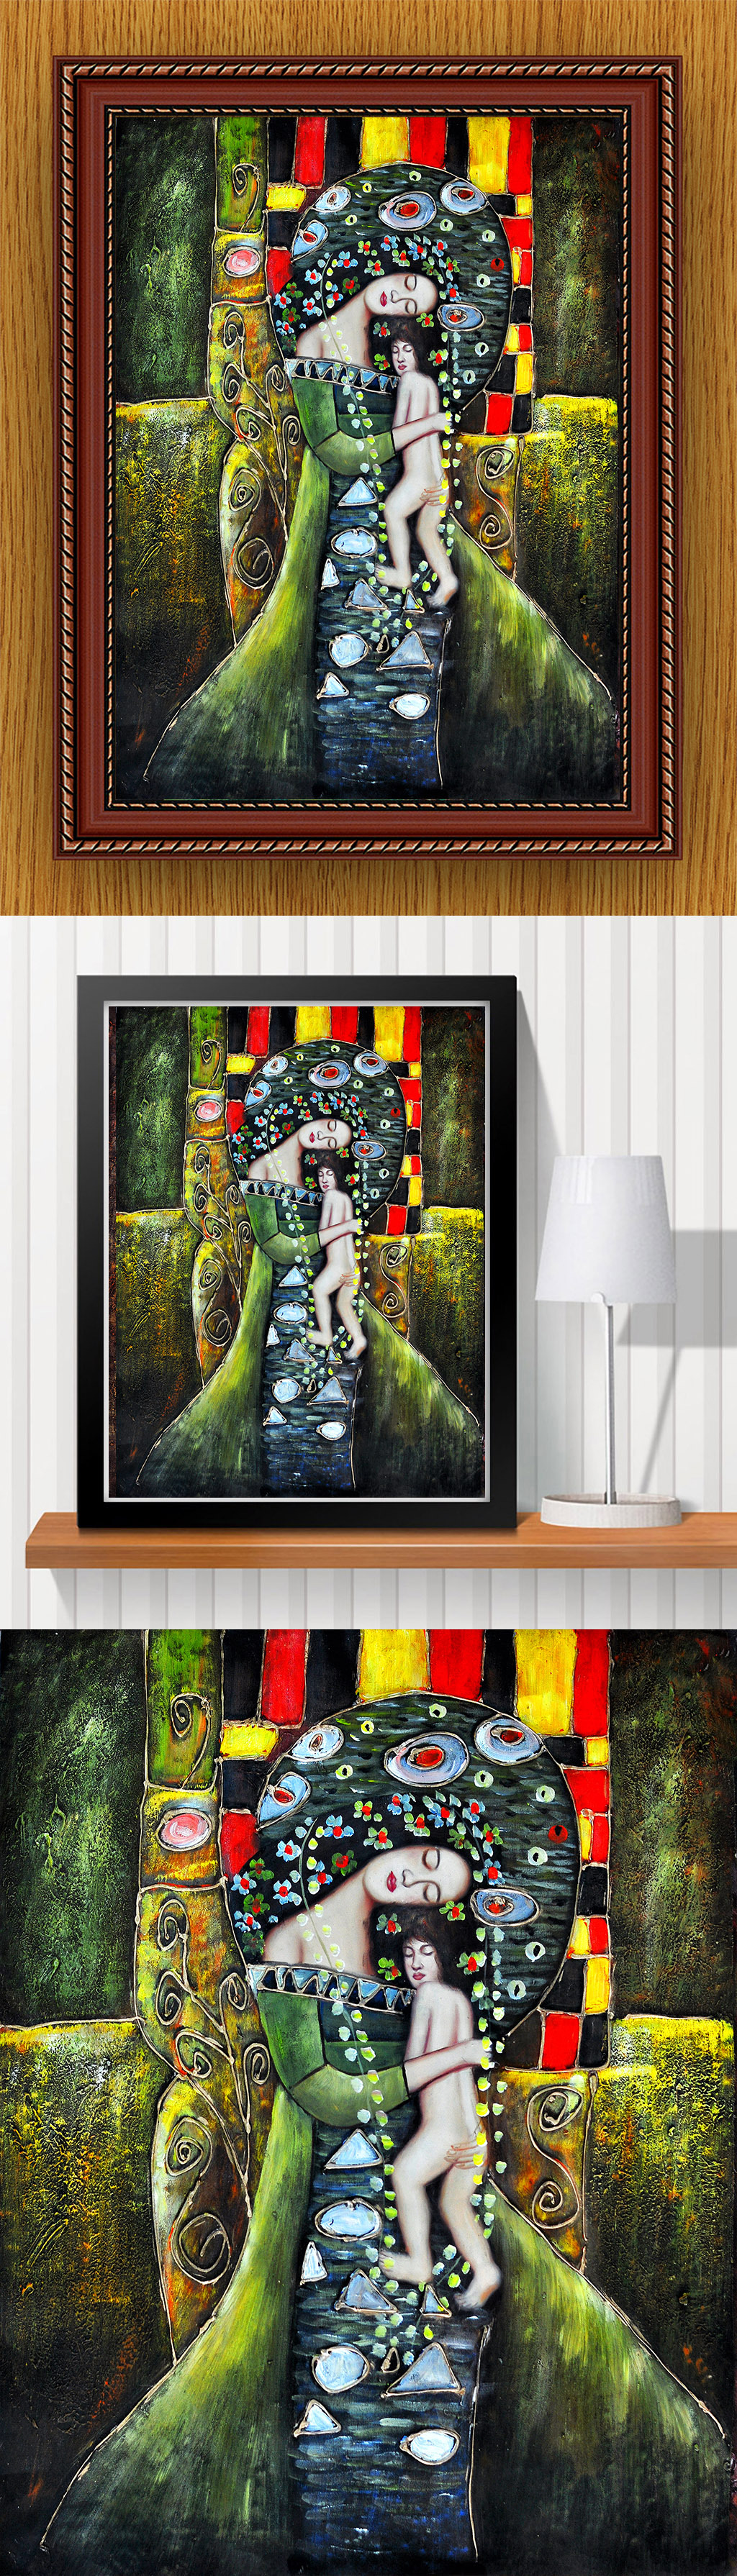 高清手绘现代风格立体金属女性人物油画